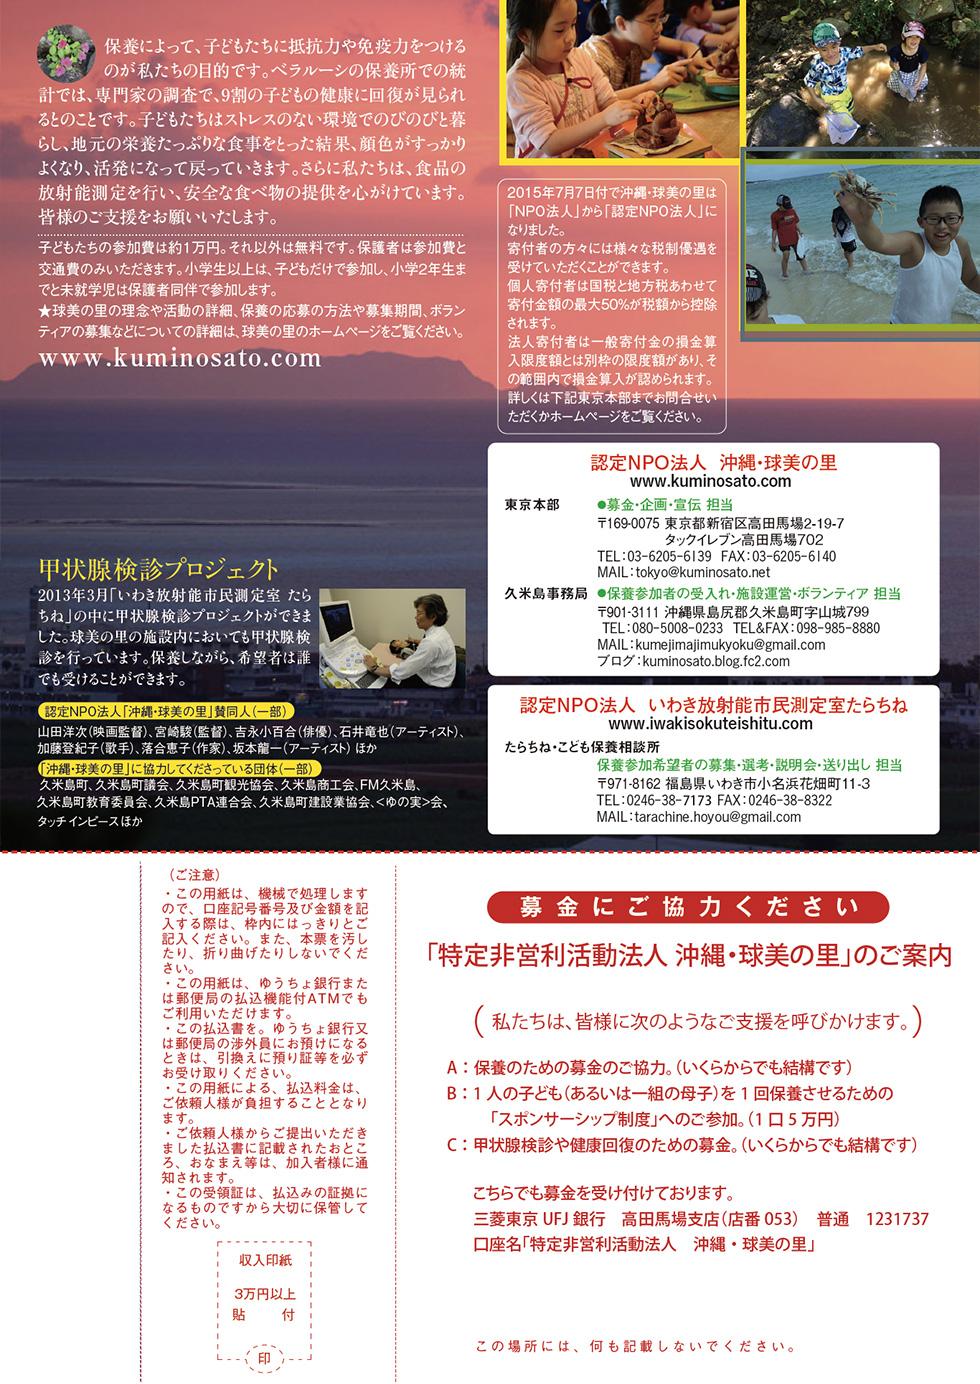 沖縄・球美の里 寄付払込み用紙付き A4チラシ裏